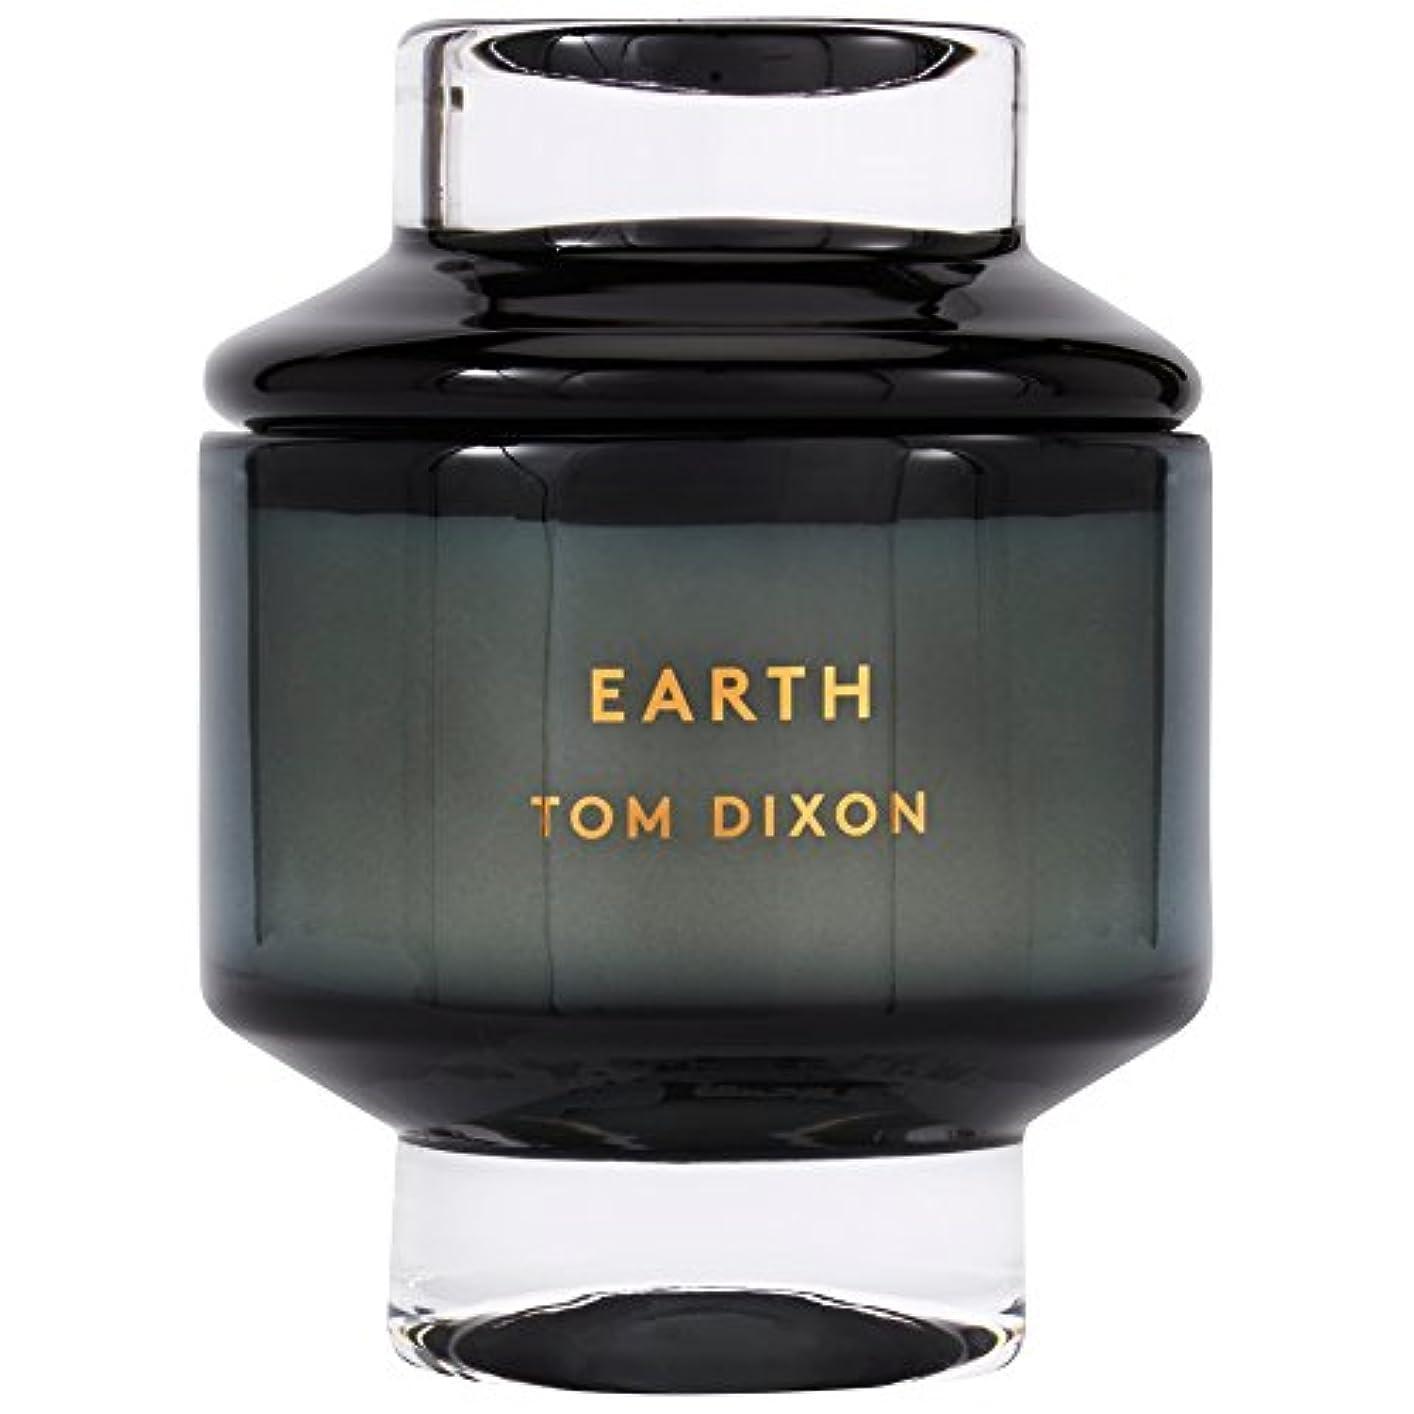 指定する妻アルカトラズ島Tom Dixon Earth Scented Candle Large (Pack of 2) - トムディクソン地球大の香りのキャンドル x2 [並行輸入品]